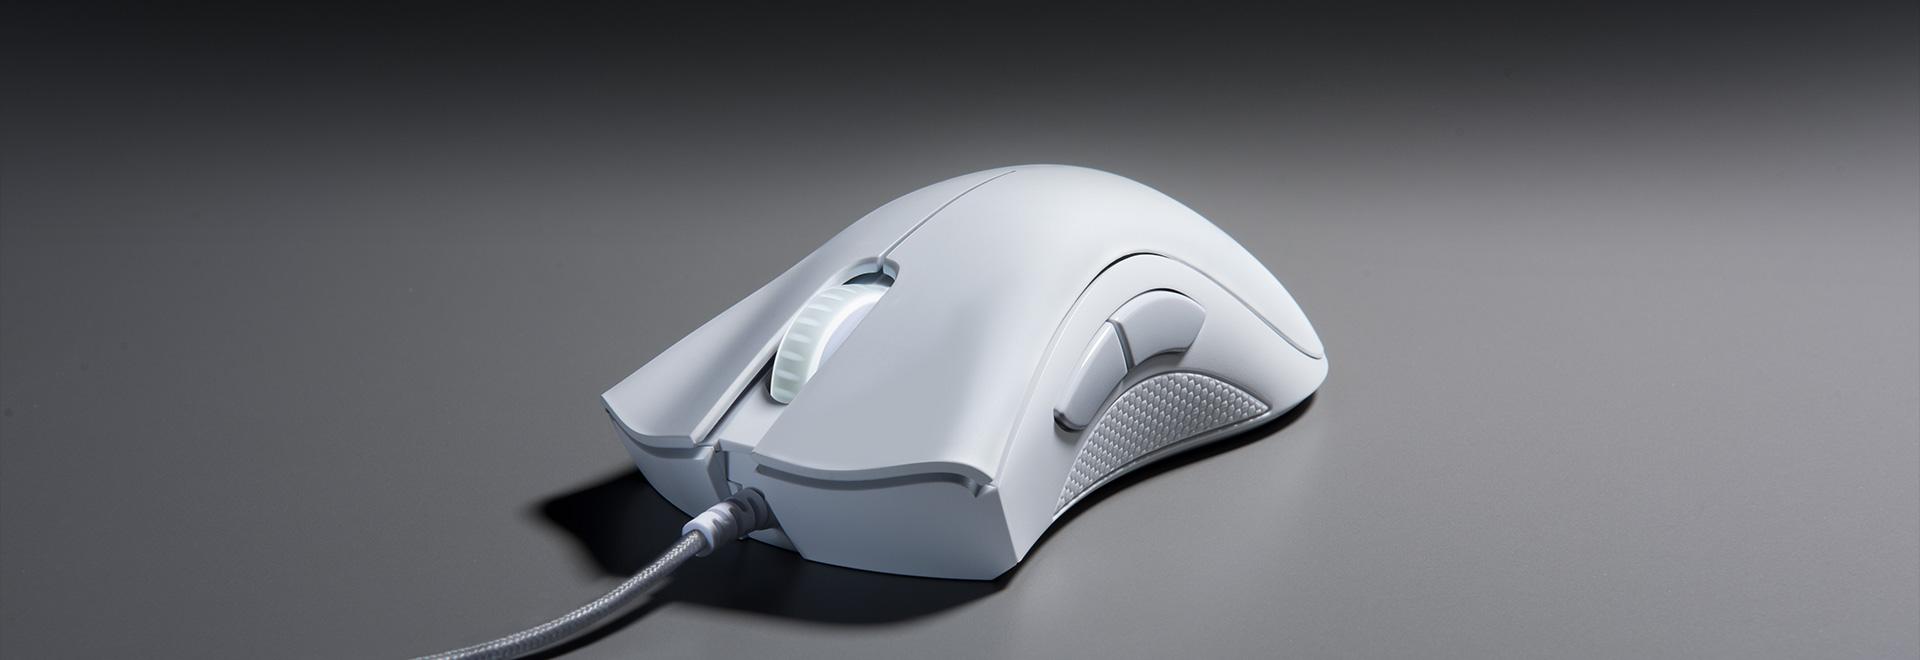 razer-deathadder-essential-white-usp.jpg